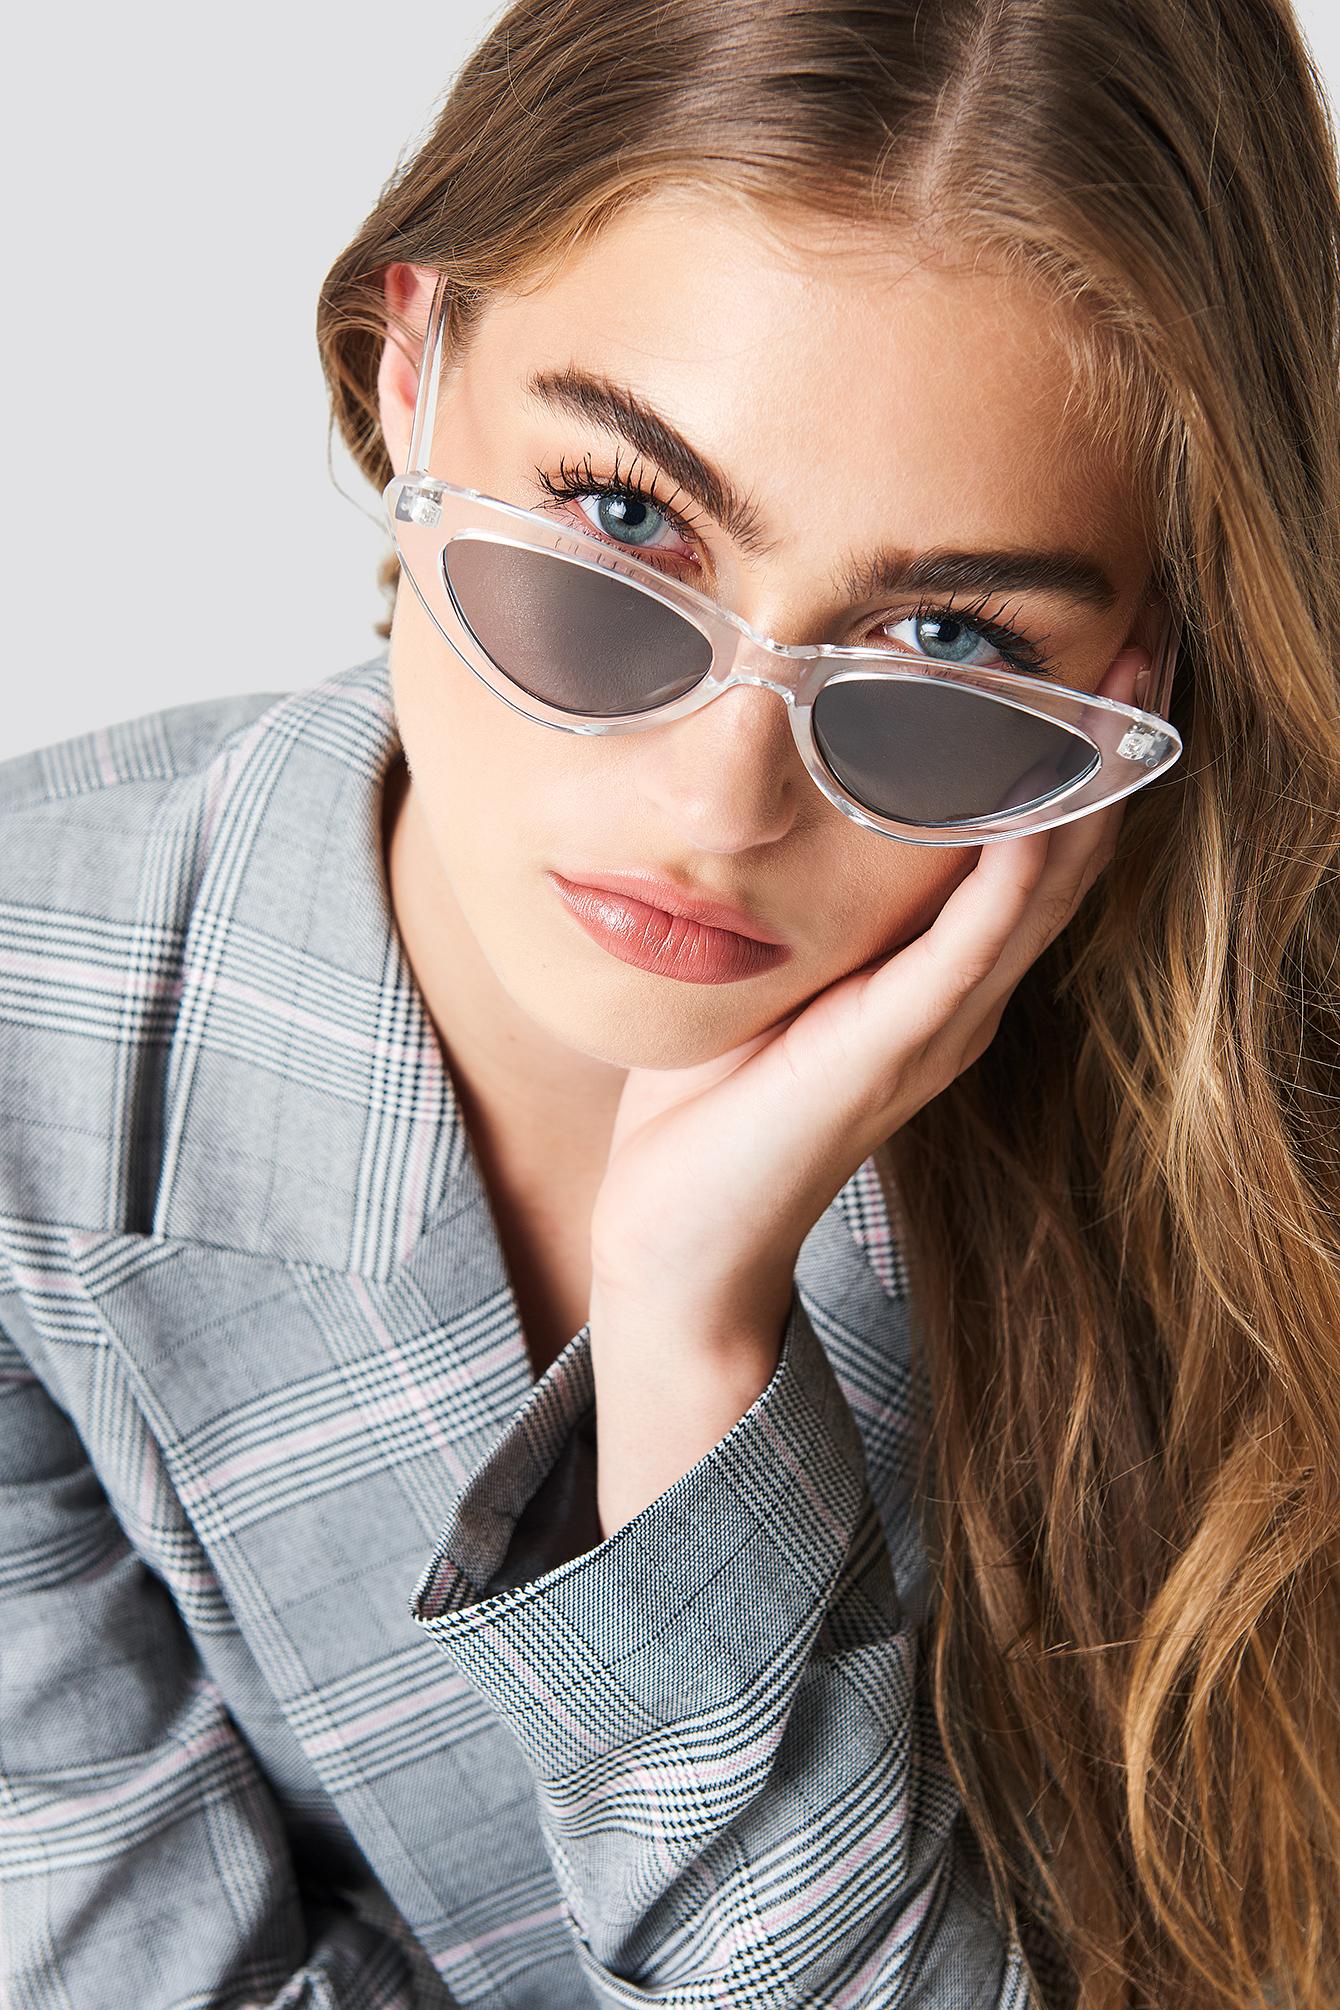 na-kd accessories -  Transparent Cateye Sunglasses - Black